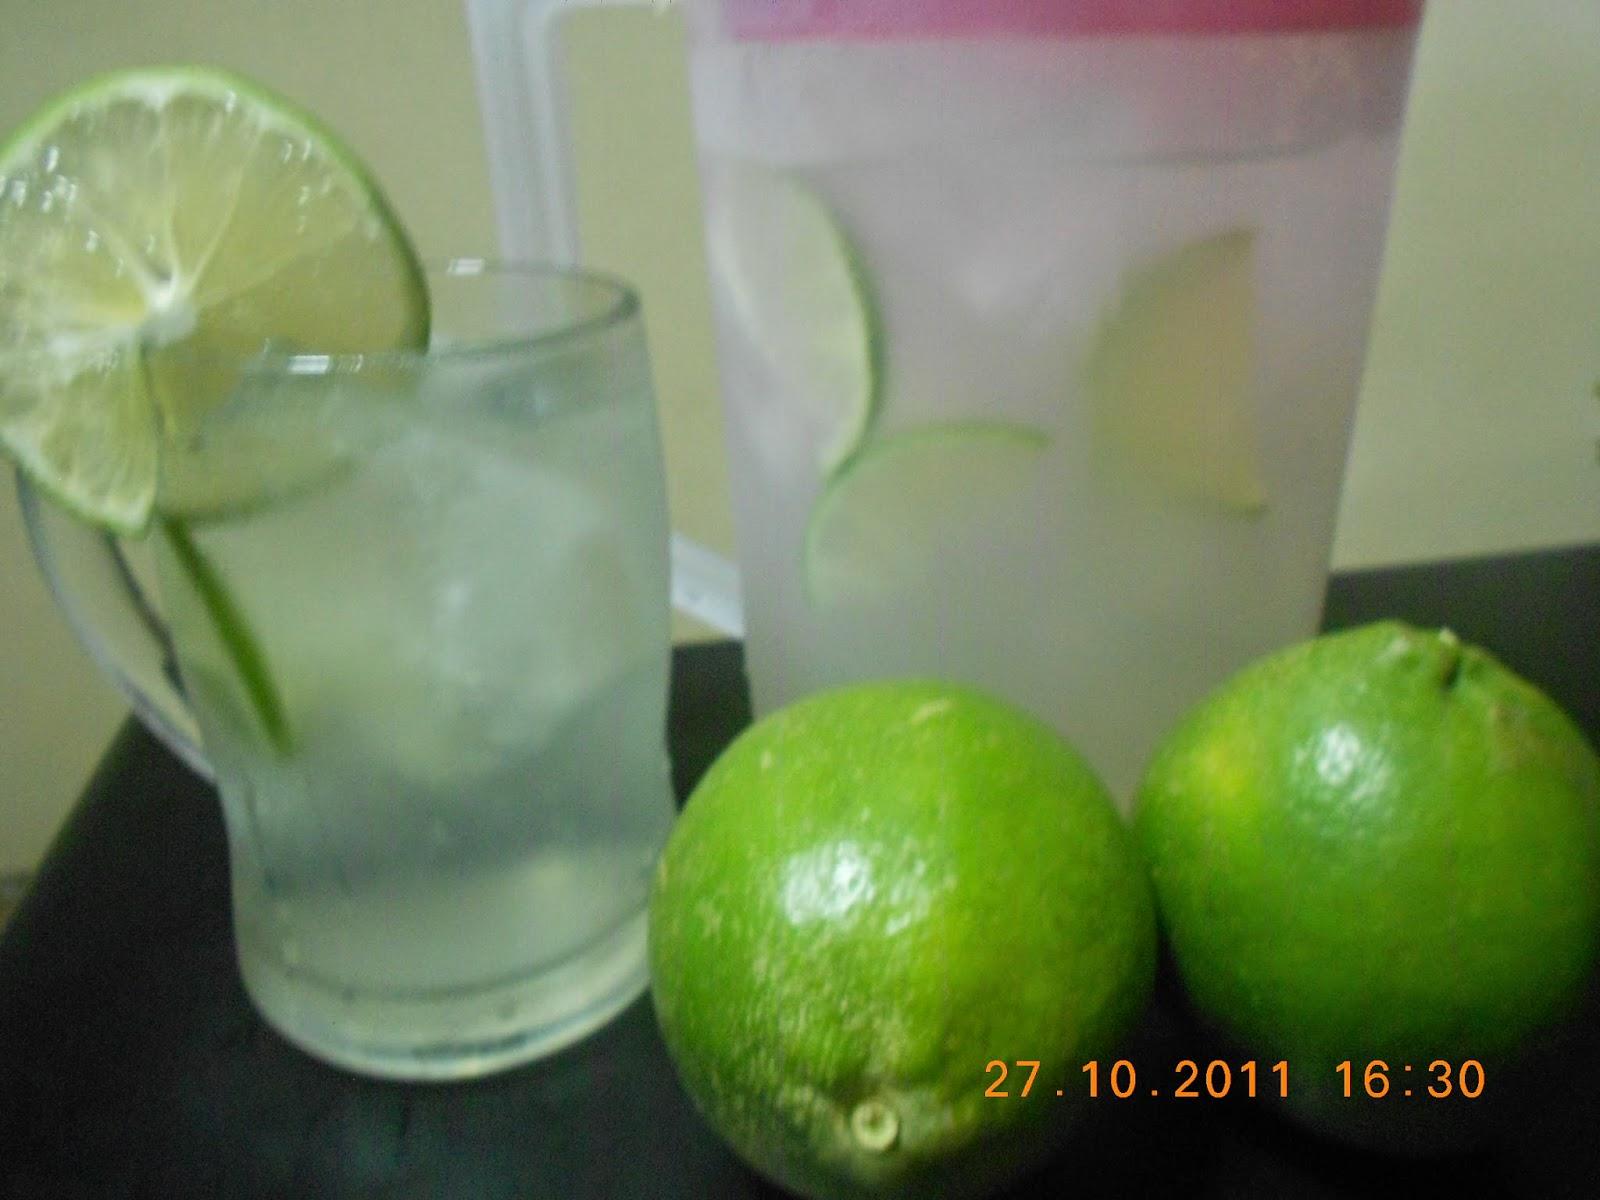 Green Lemon - Lemon Hijau (250g)